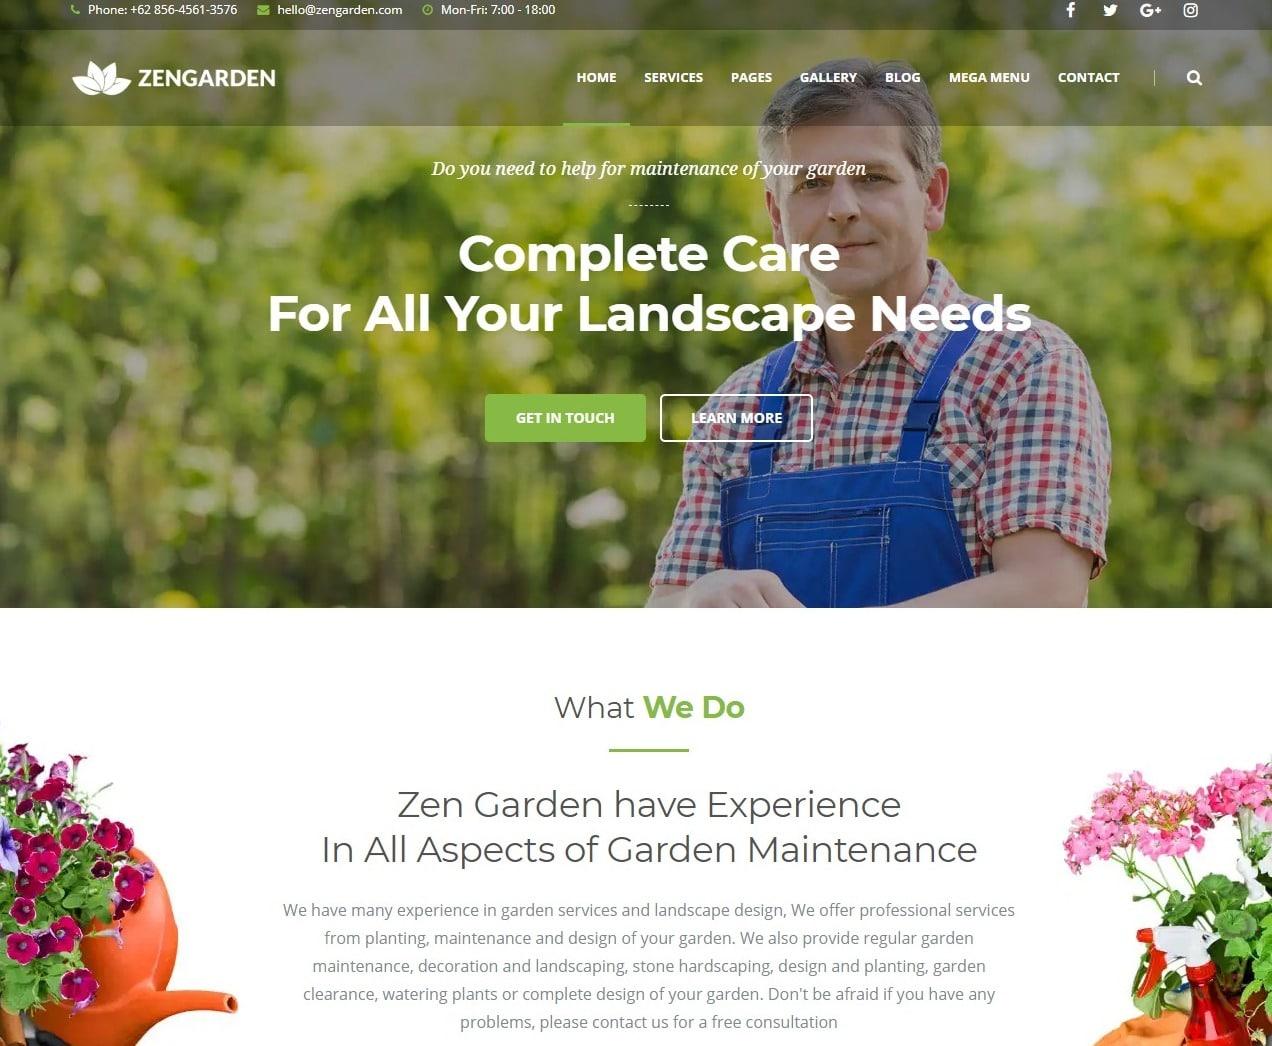 zengarden-agriculture-website-template